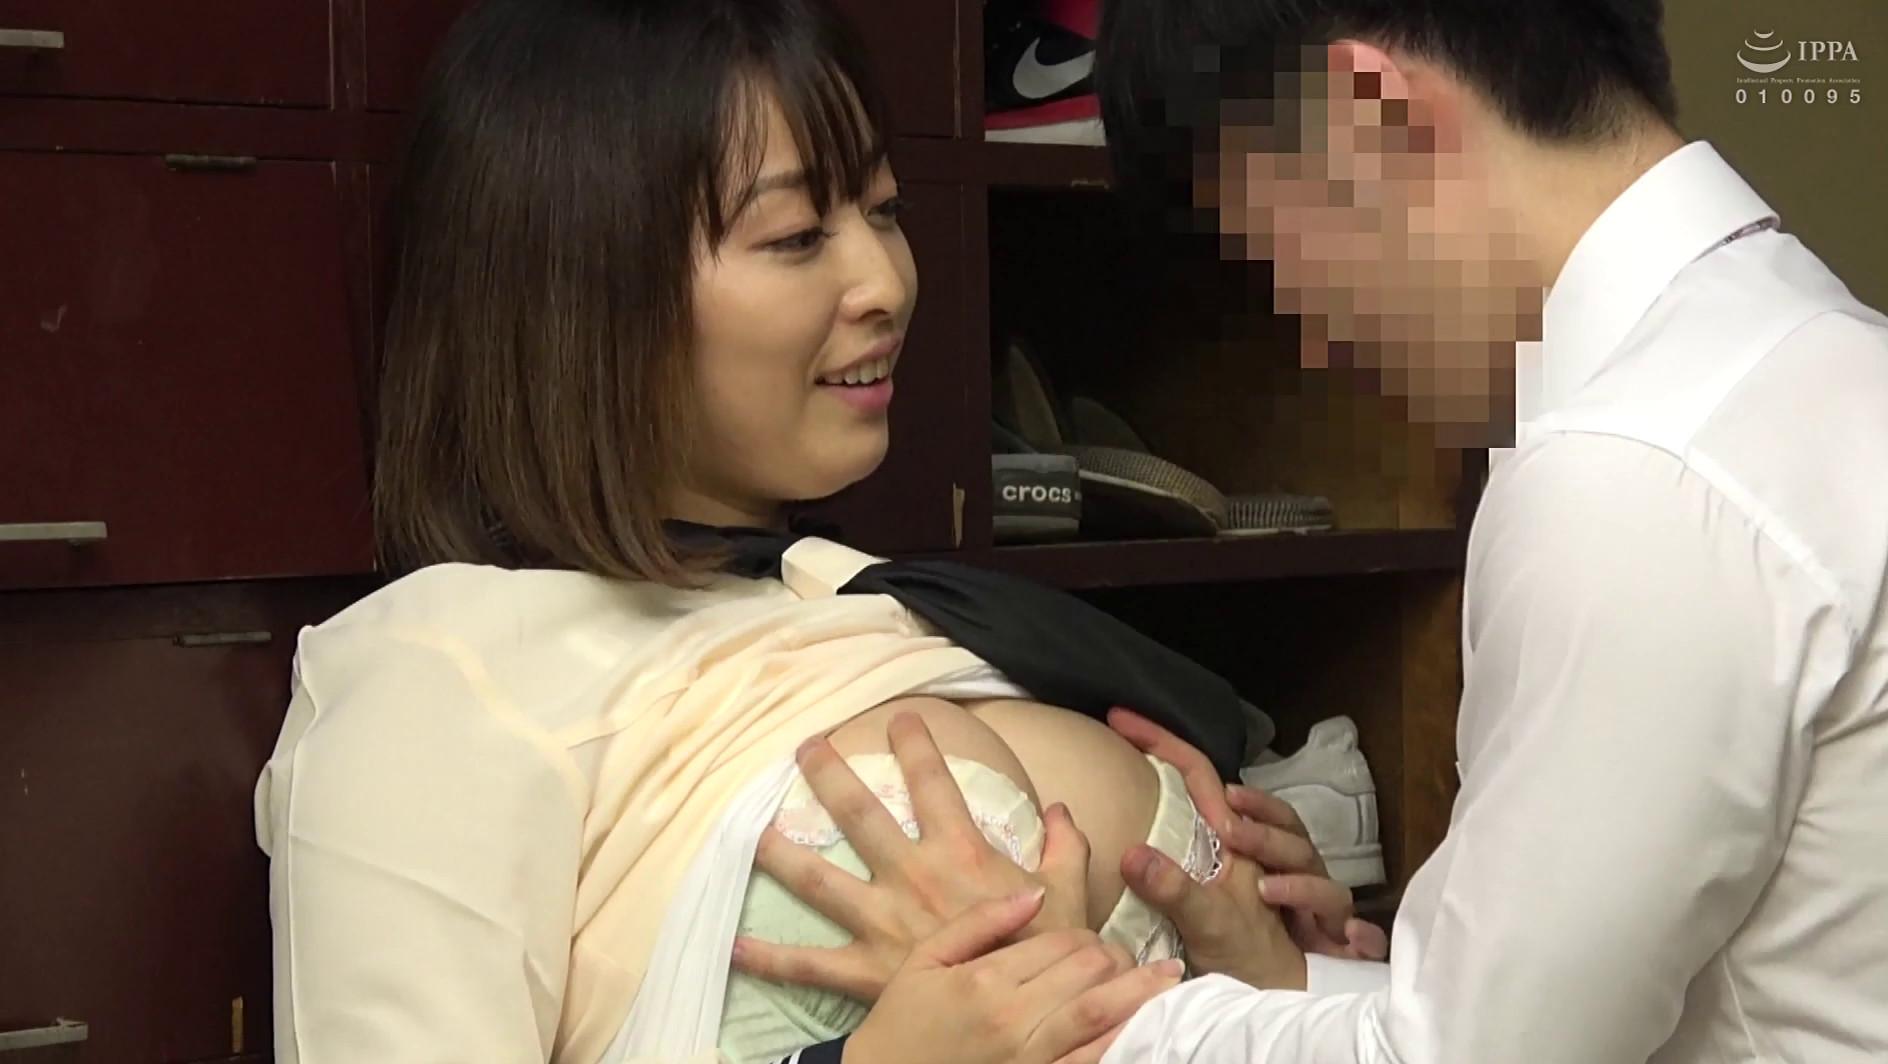 女子○生 トイレSEX盗撮 187分,のサンプル画像18